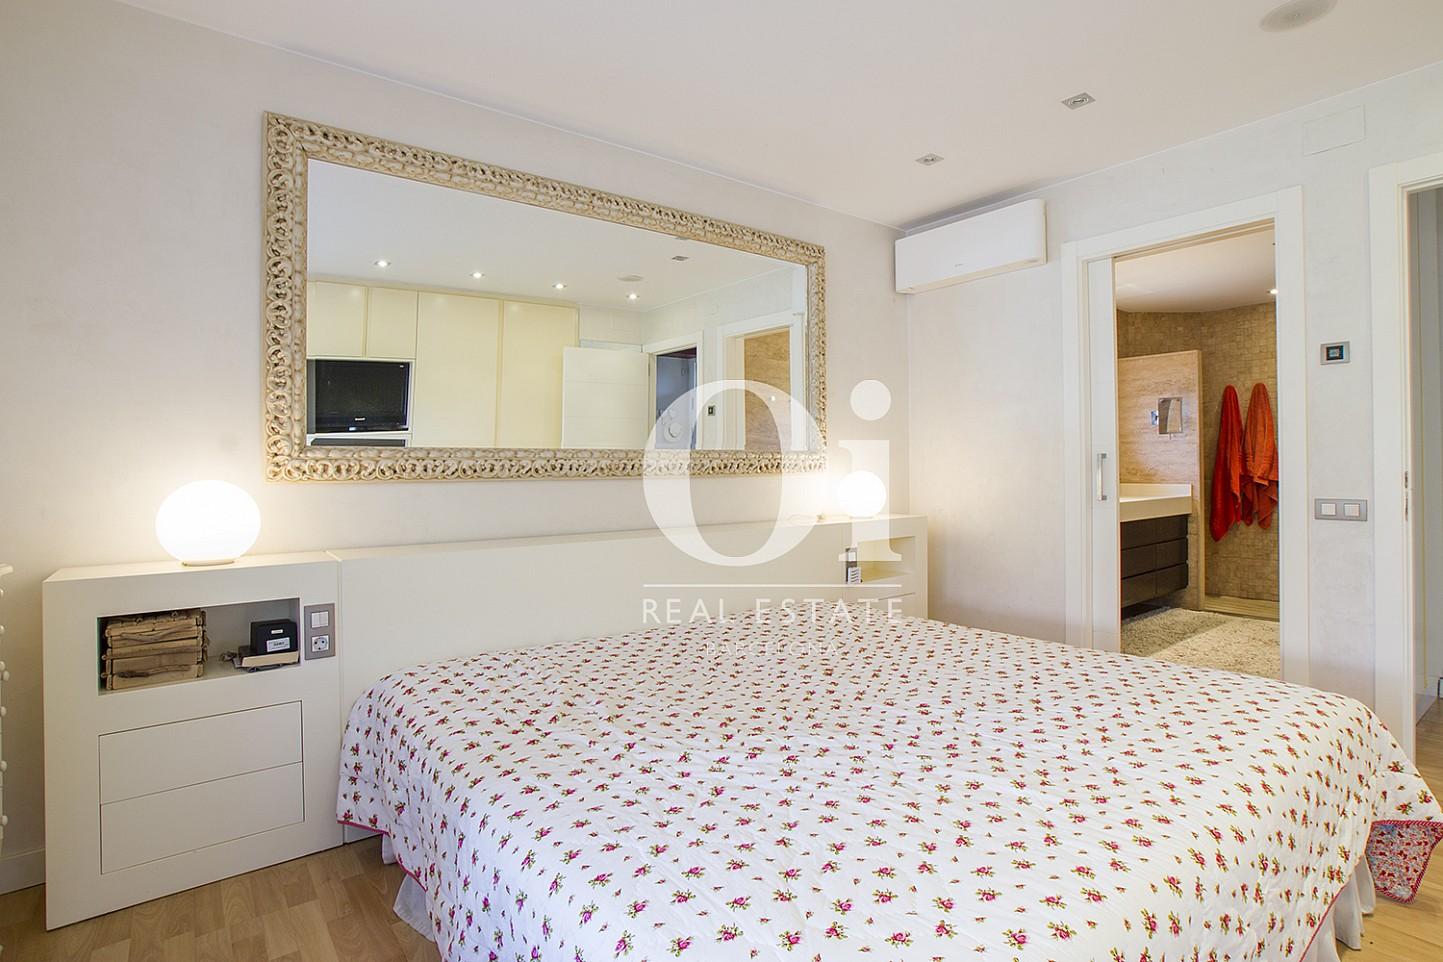 Habitación doble de casa en venta en Cardedeu, Barcelona